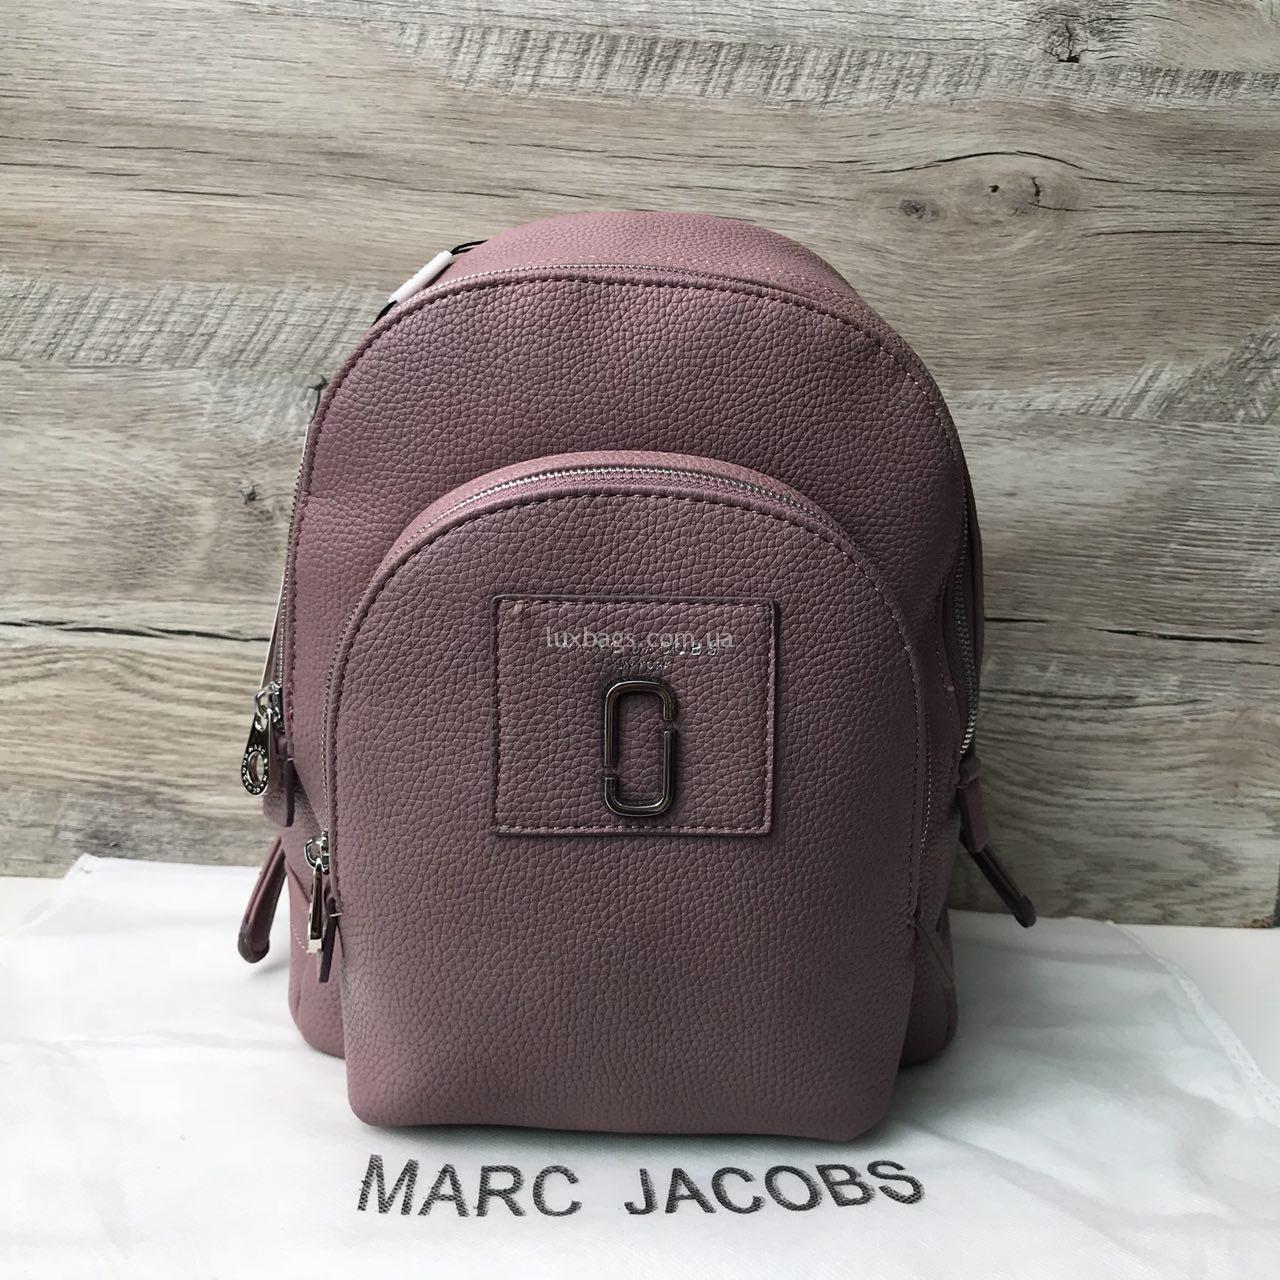 ad0bb00f7ab4 Женский городской рюкзак Marc Jacobs (Марк Джейкобс) на Lux Bags